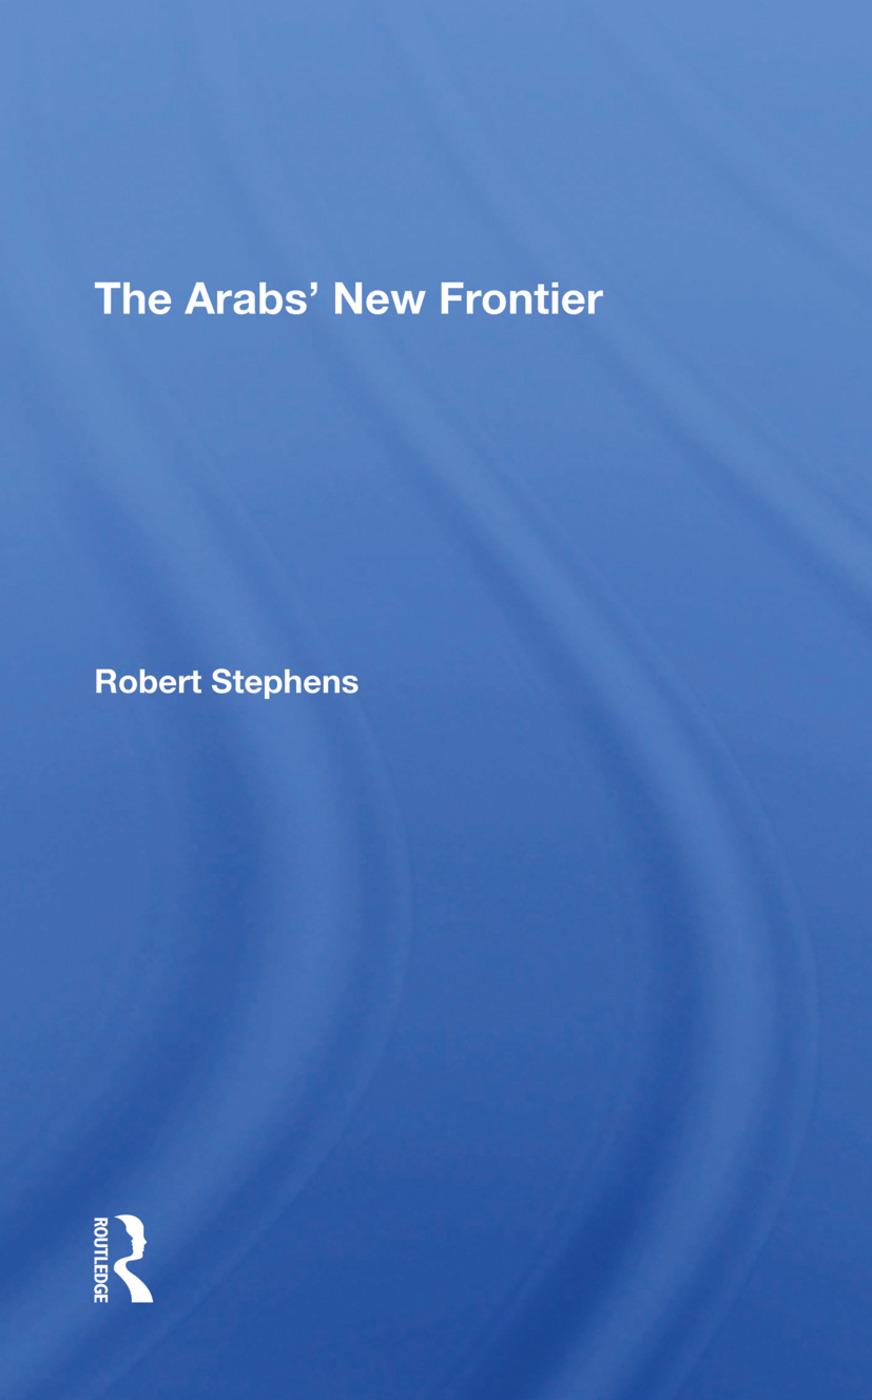 The Arabs' New Frontier